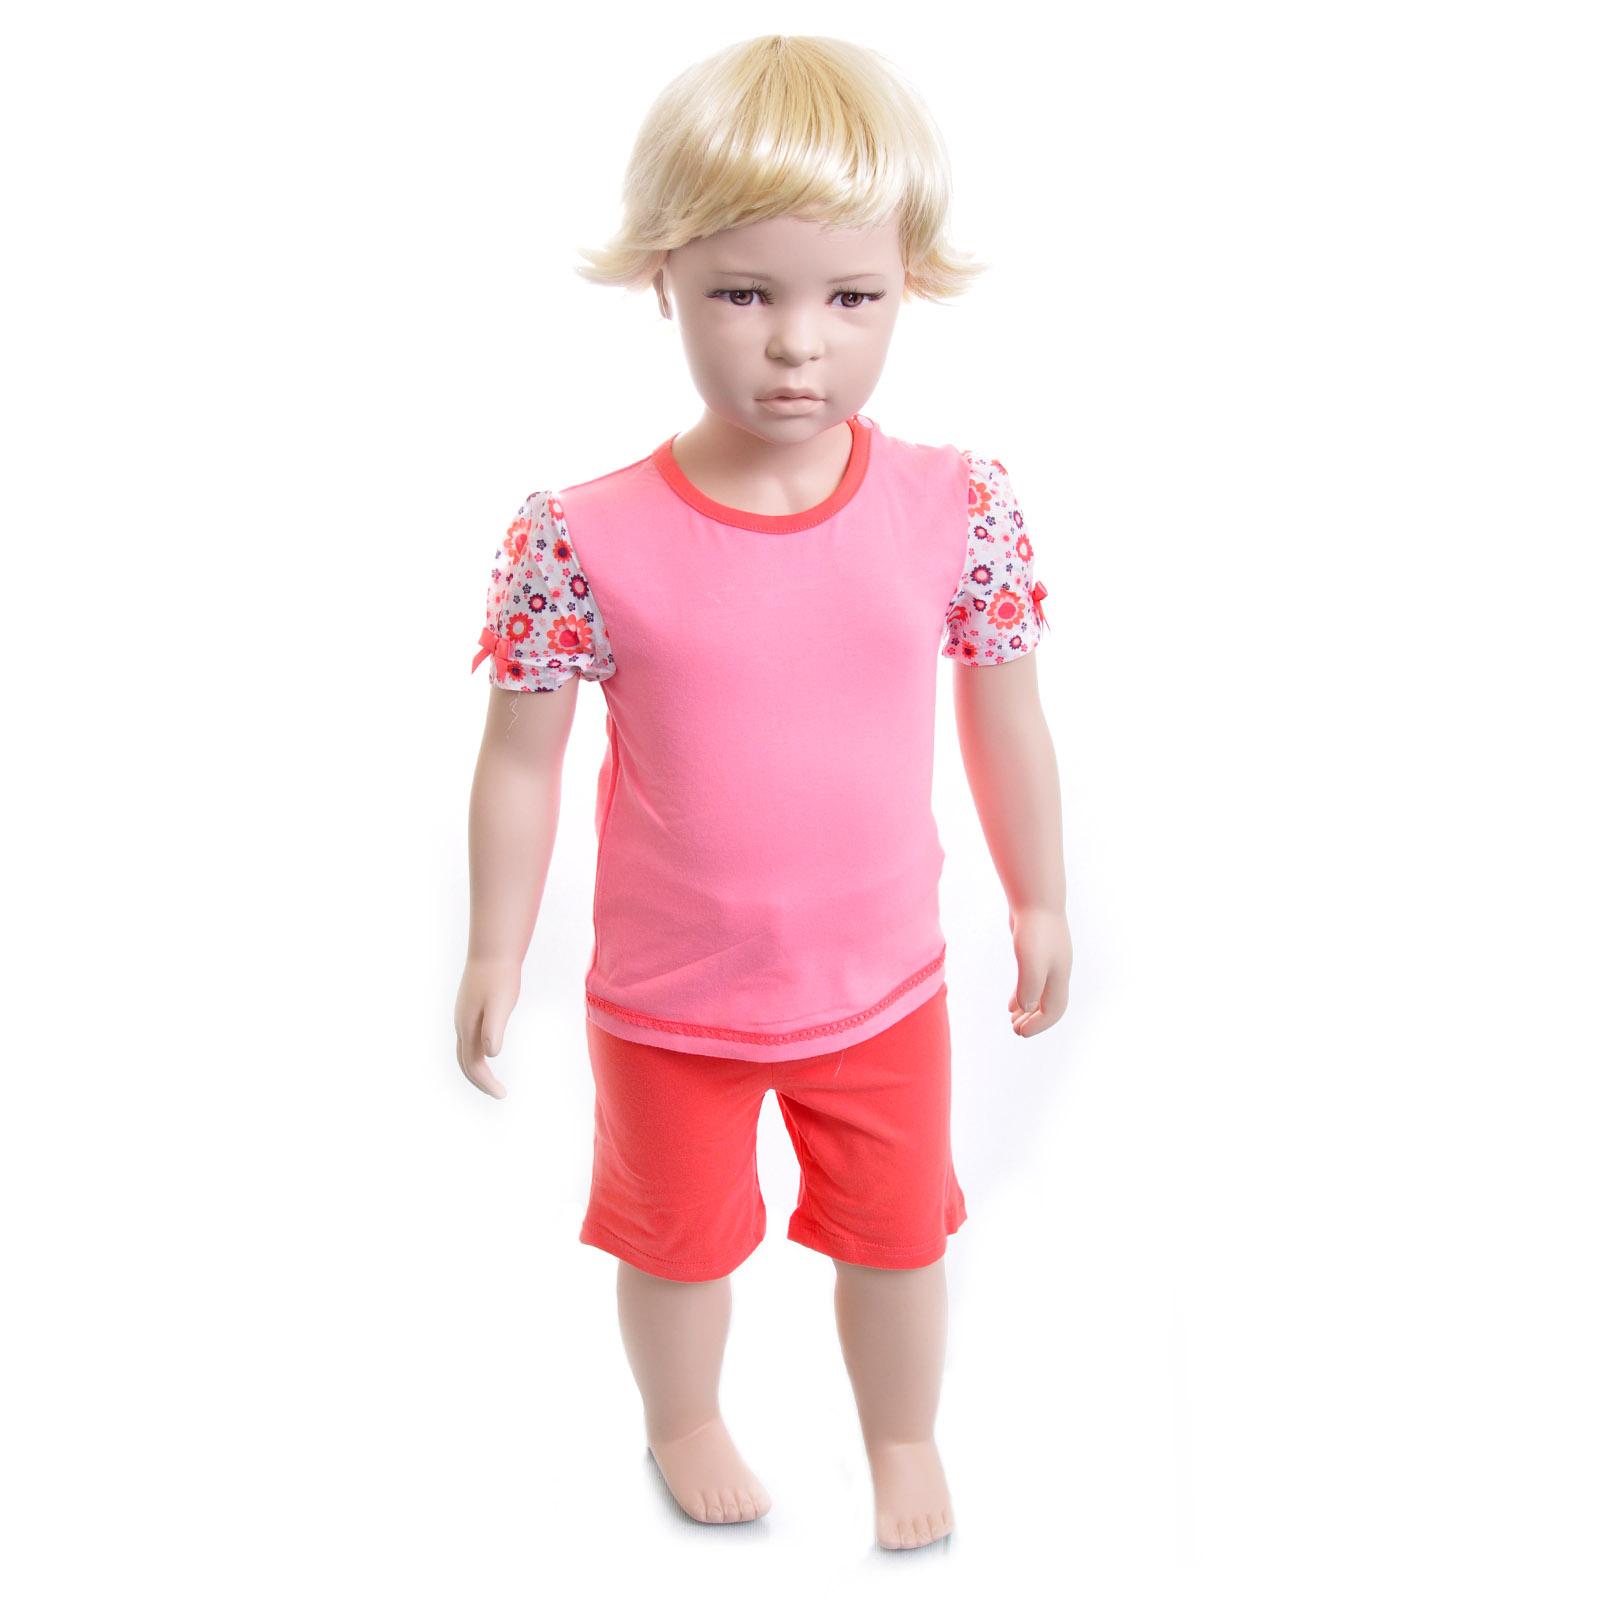 Комплект Veneya Венейя (футболка+шорты) для девочки, цвет розовый размер 92